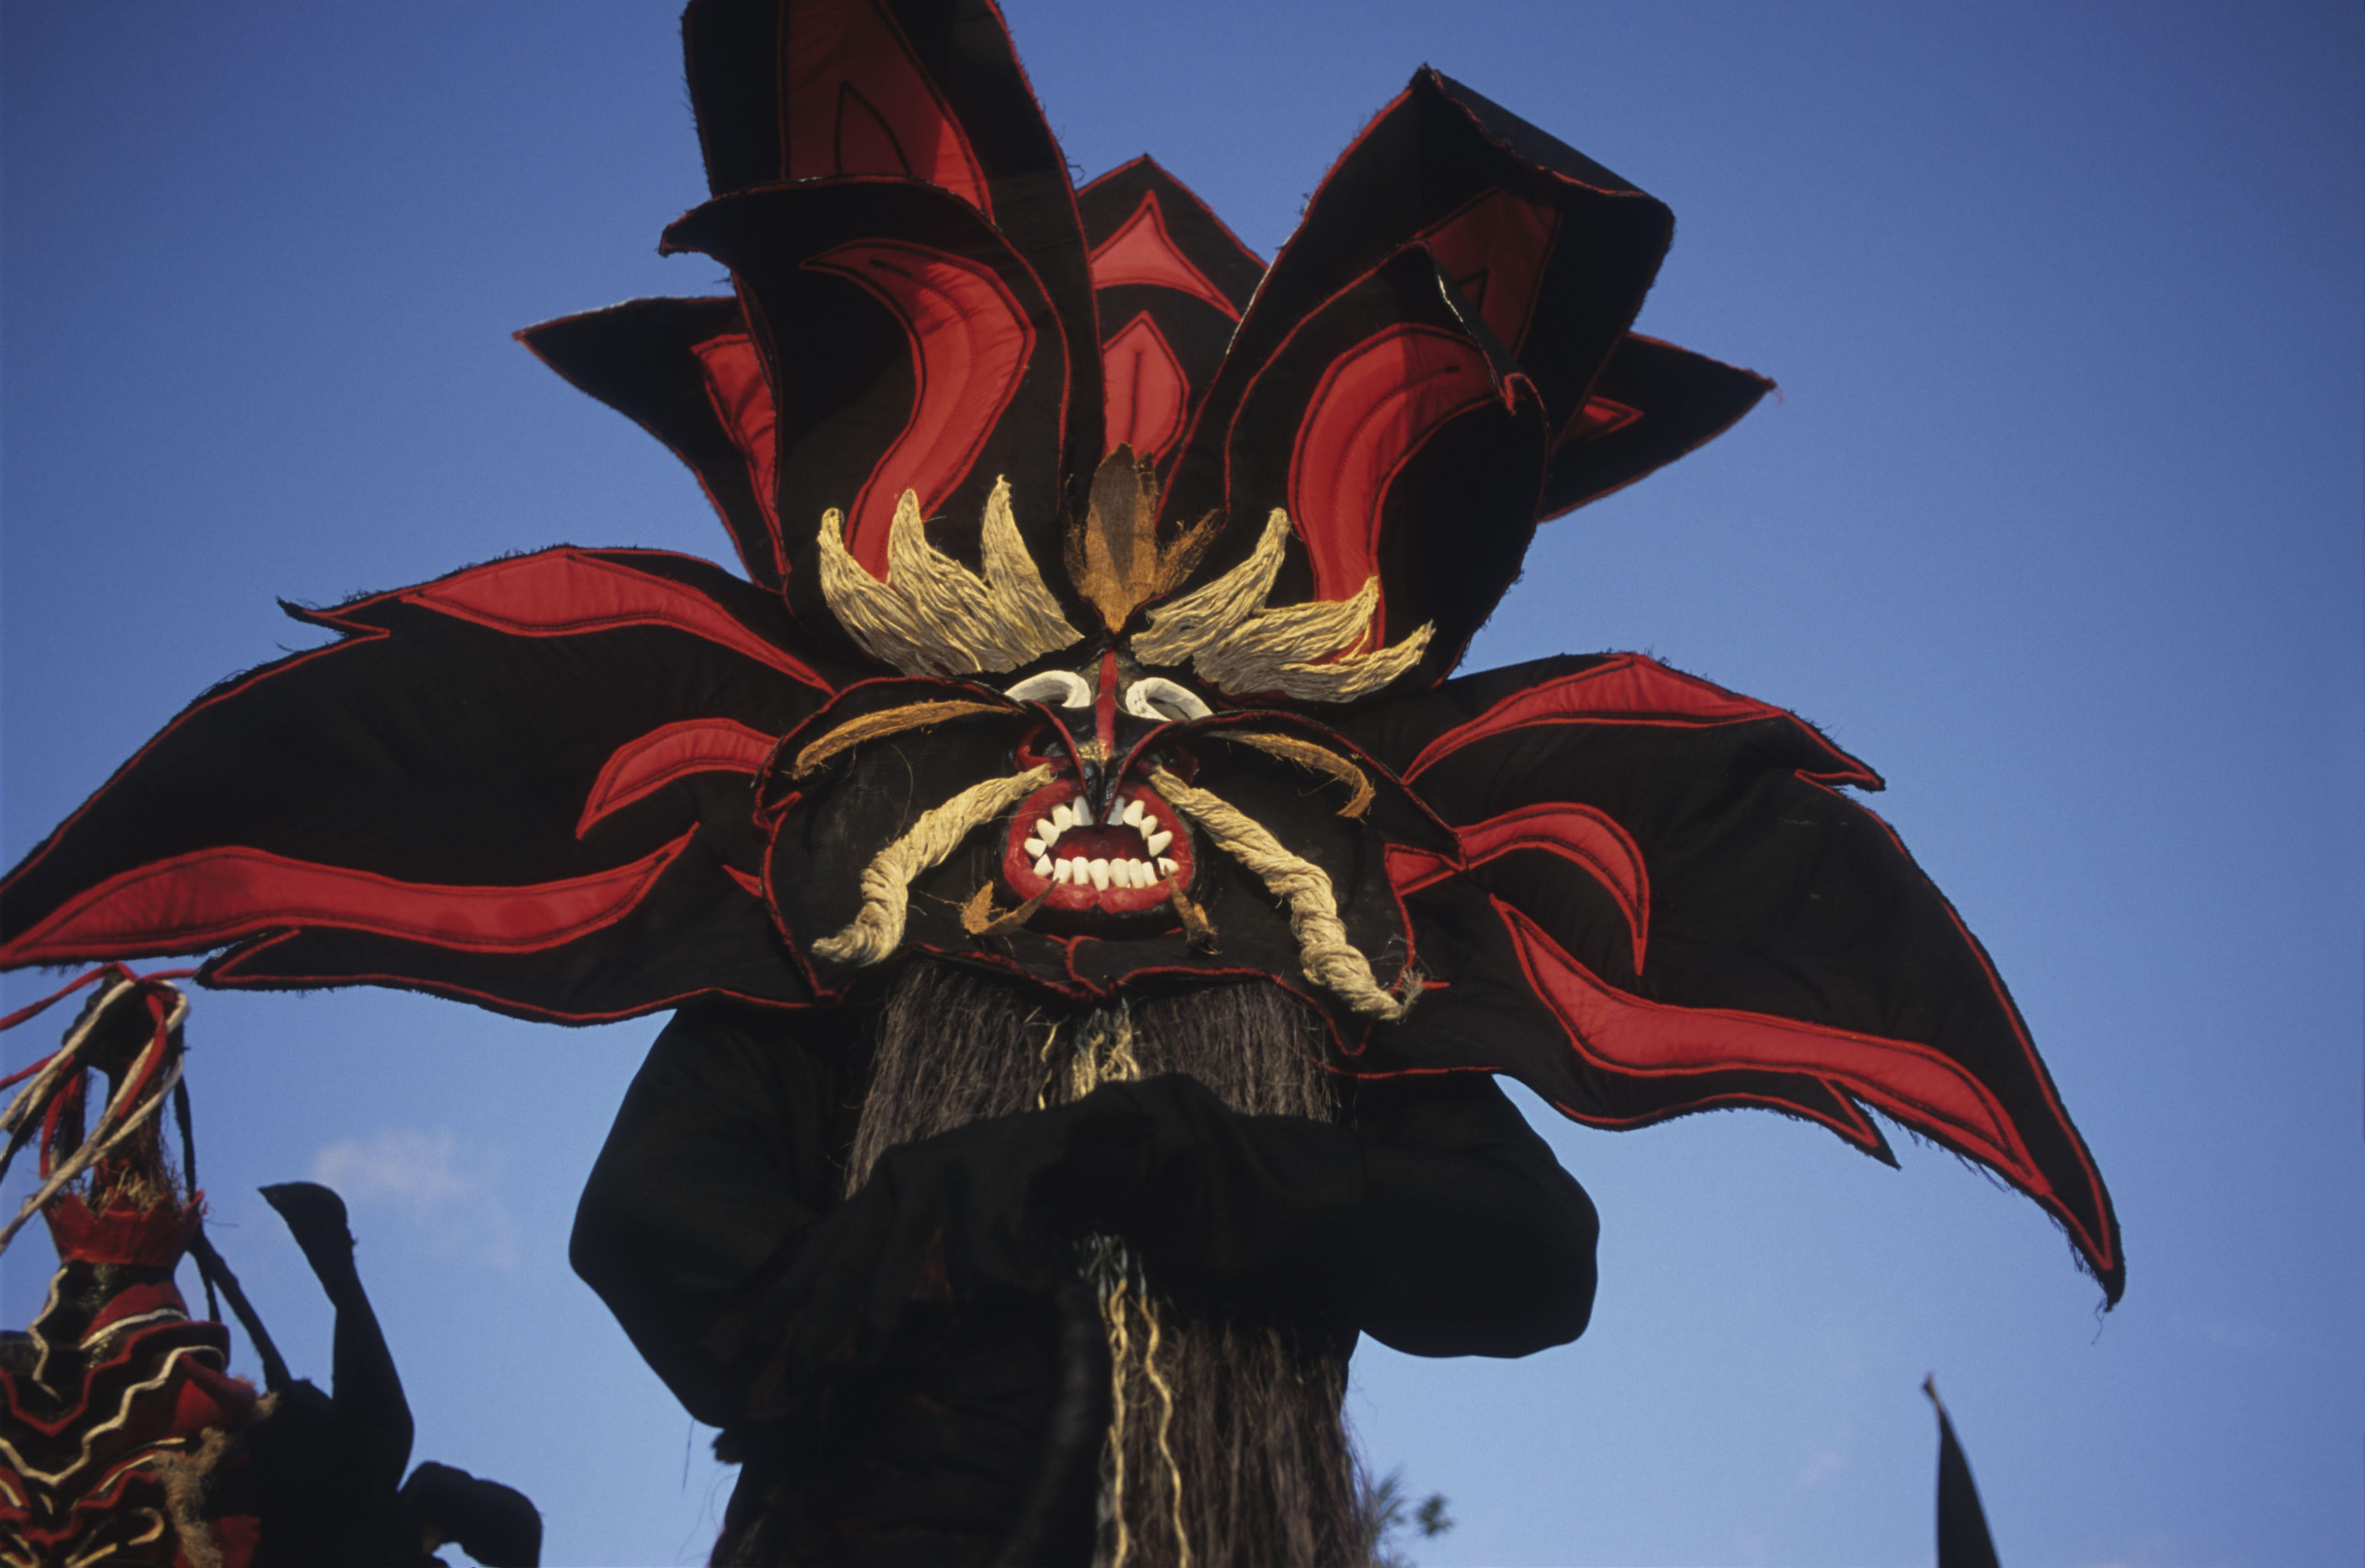 Cultura Congo atractivo turístico de Panamá reconocida como patrimonio cultural inmaterial